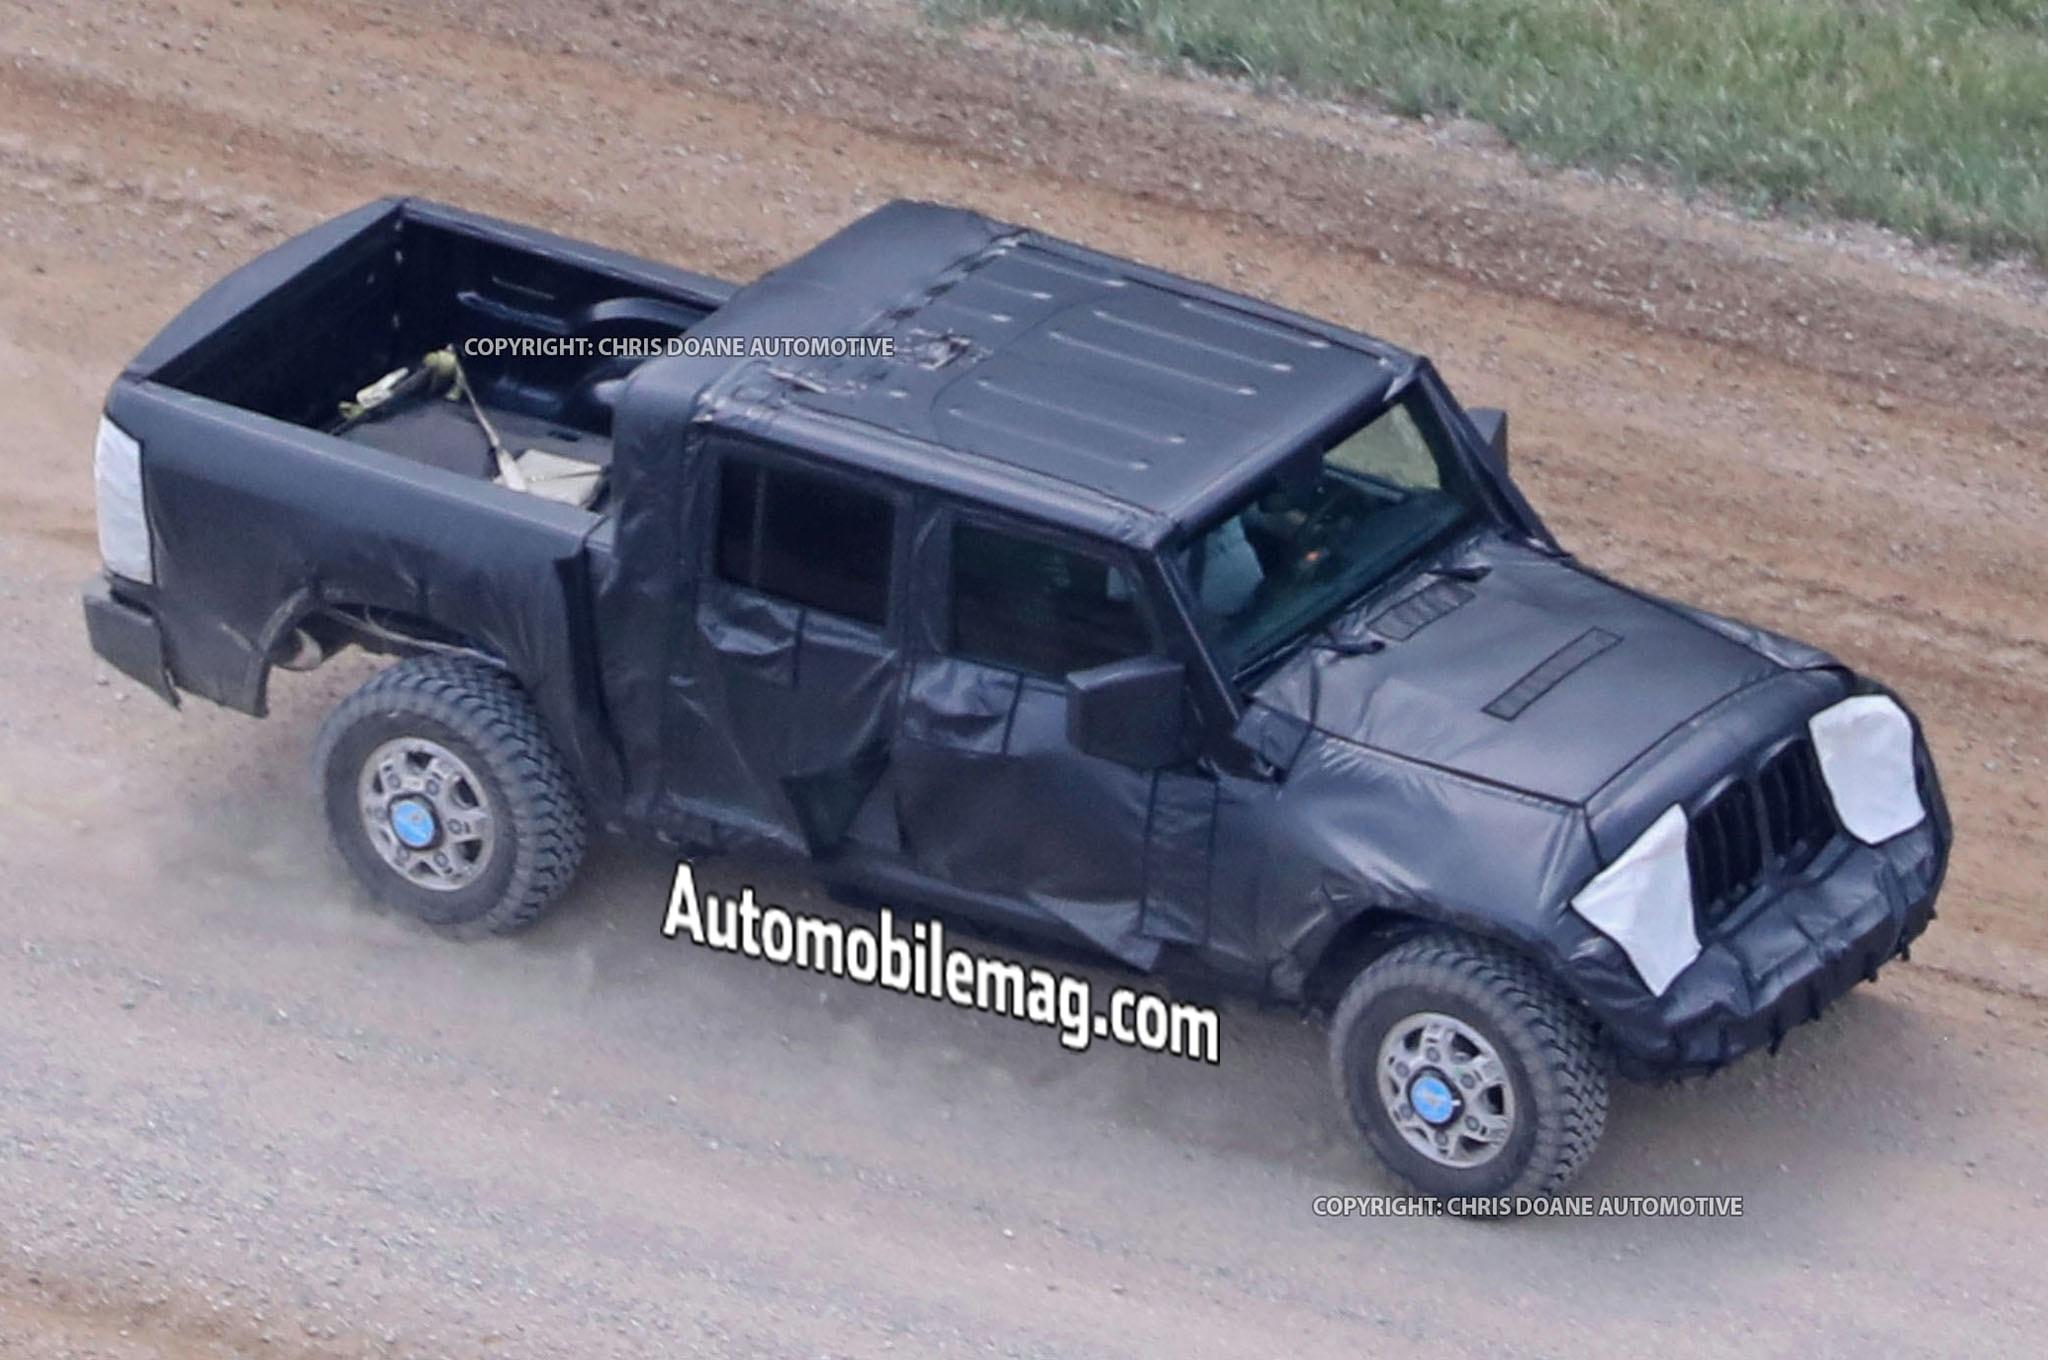 Jeep Wrangler Will Use Aluminum in Doors, Hood: Report